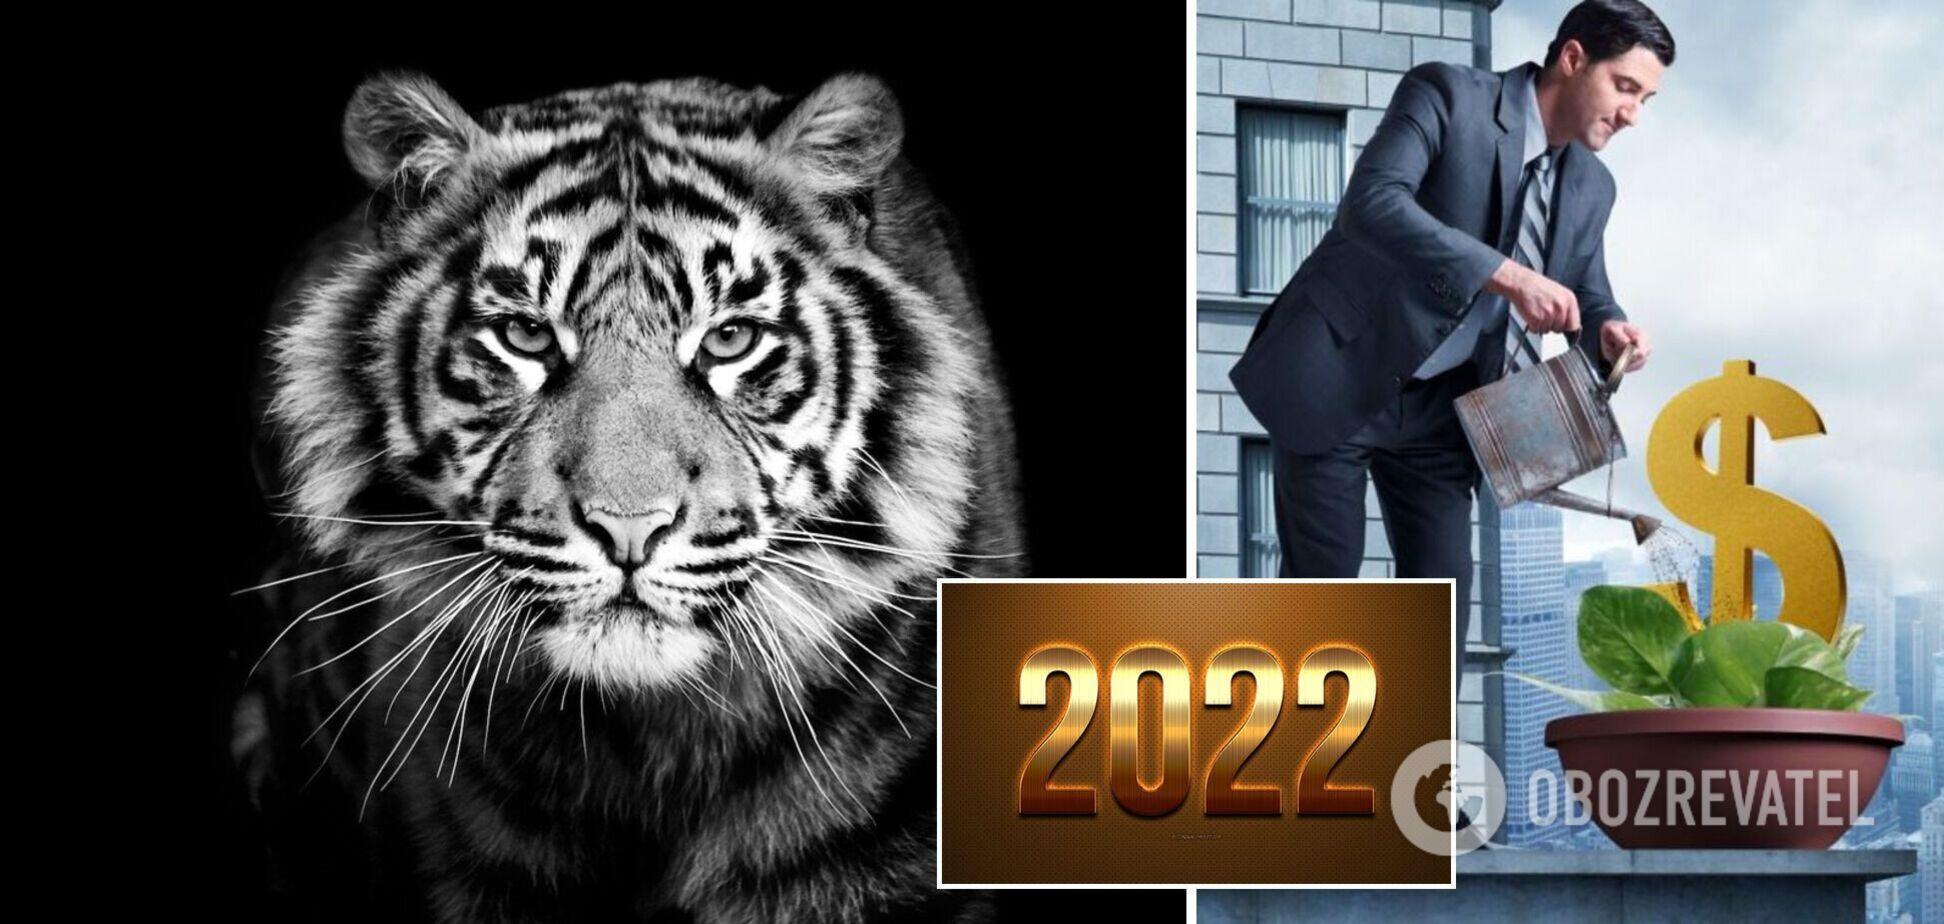 Чорний Тигр принесе фінансовий успіх чотирьом знакам зодіаку: можуть навіть розбагатіти